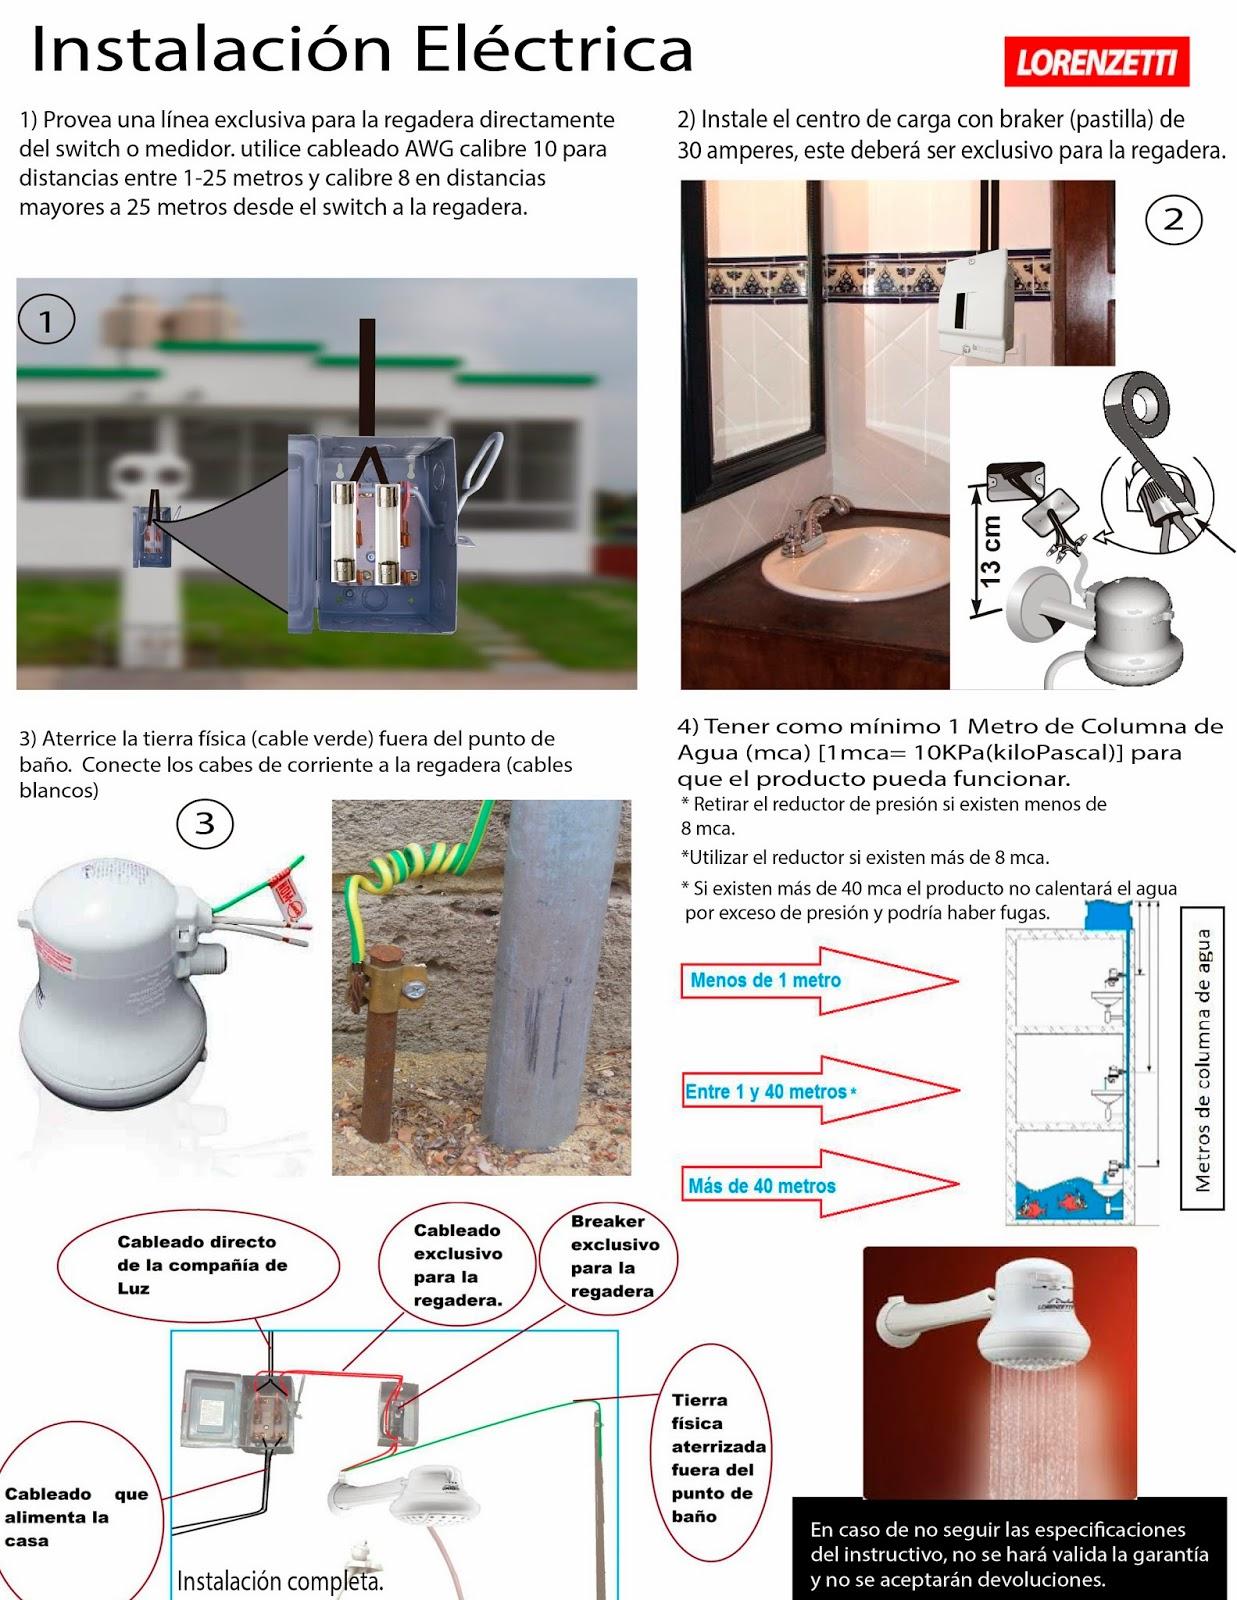 Distribuciones sanver sa de cv enero 2014 for Como conectar una ducha electrica